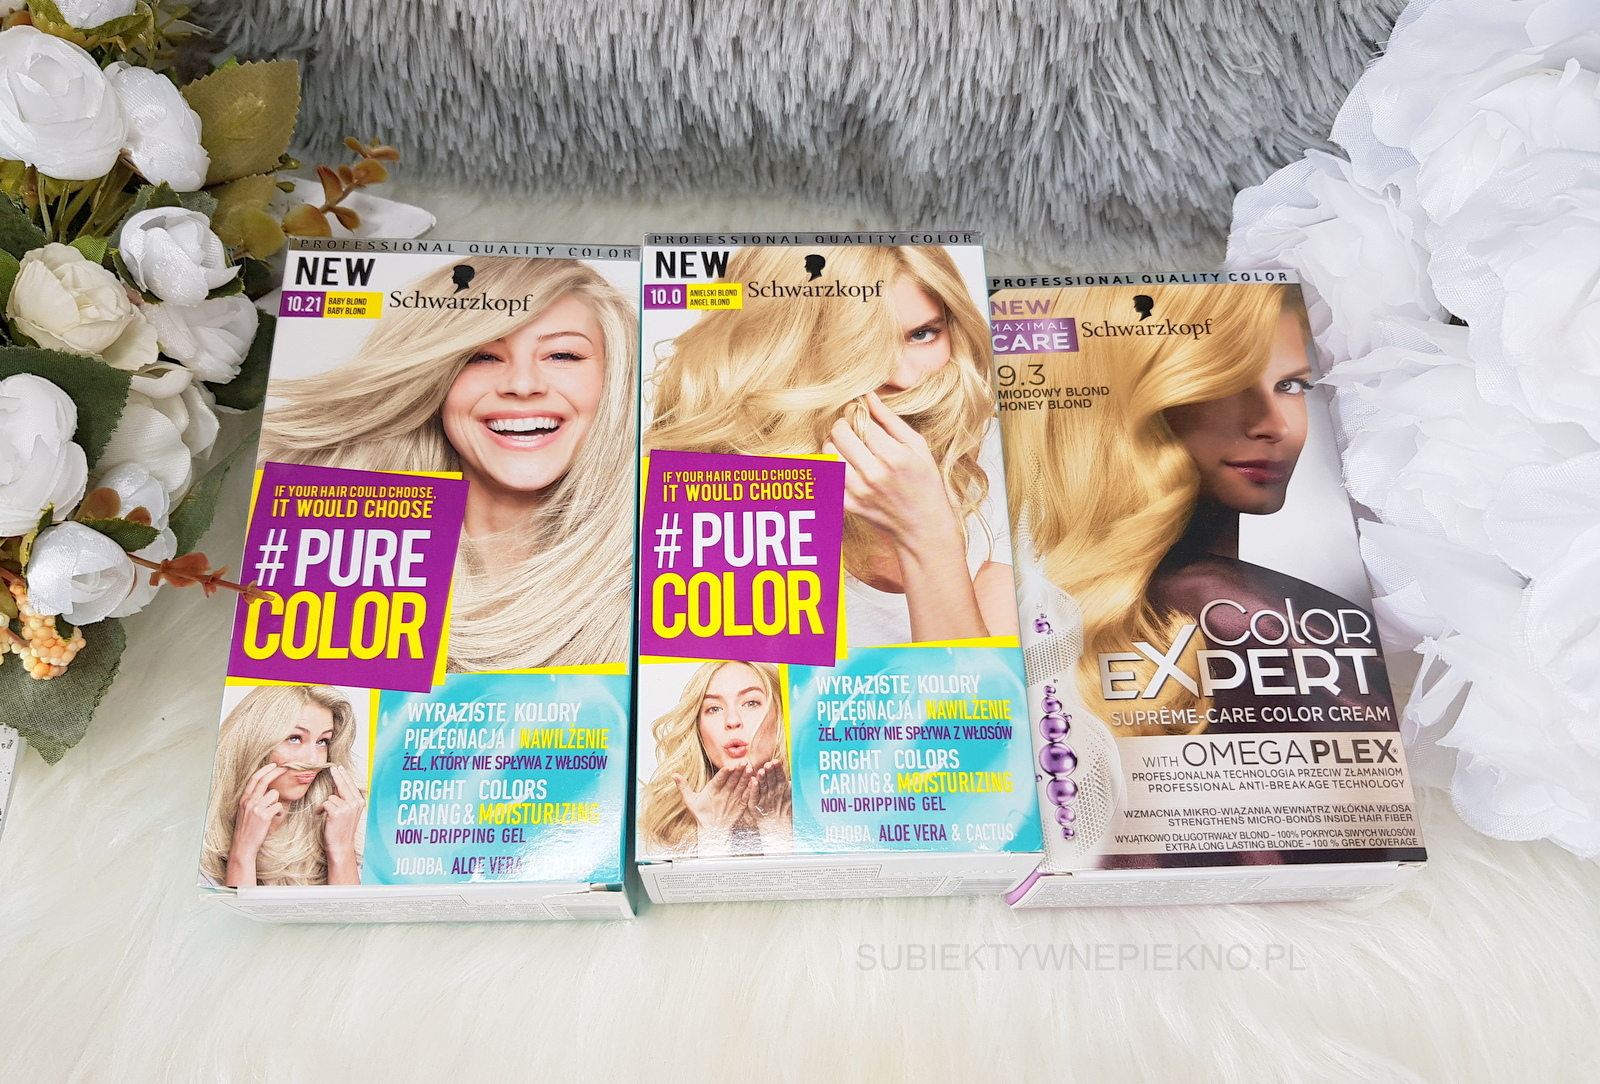 Co kupiłam na promocji w Rossmannie na produkty do włosów marzec 2018 - farby do włosów Schwarzkopf Pure Color Baby Blond 10.21 i Anielski Blond 10.0